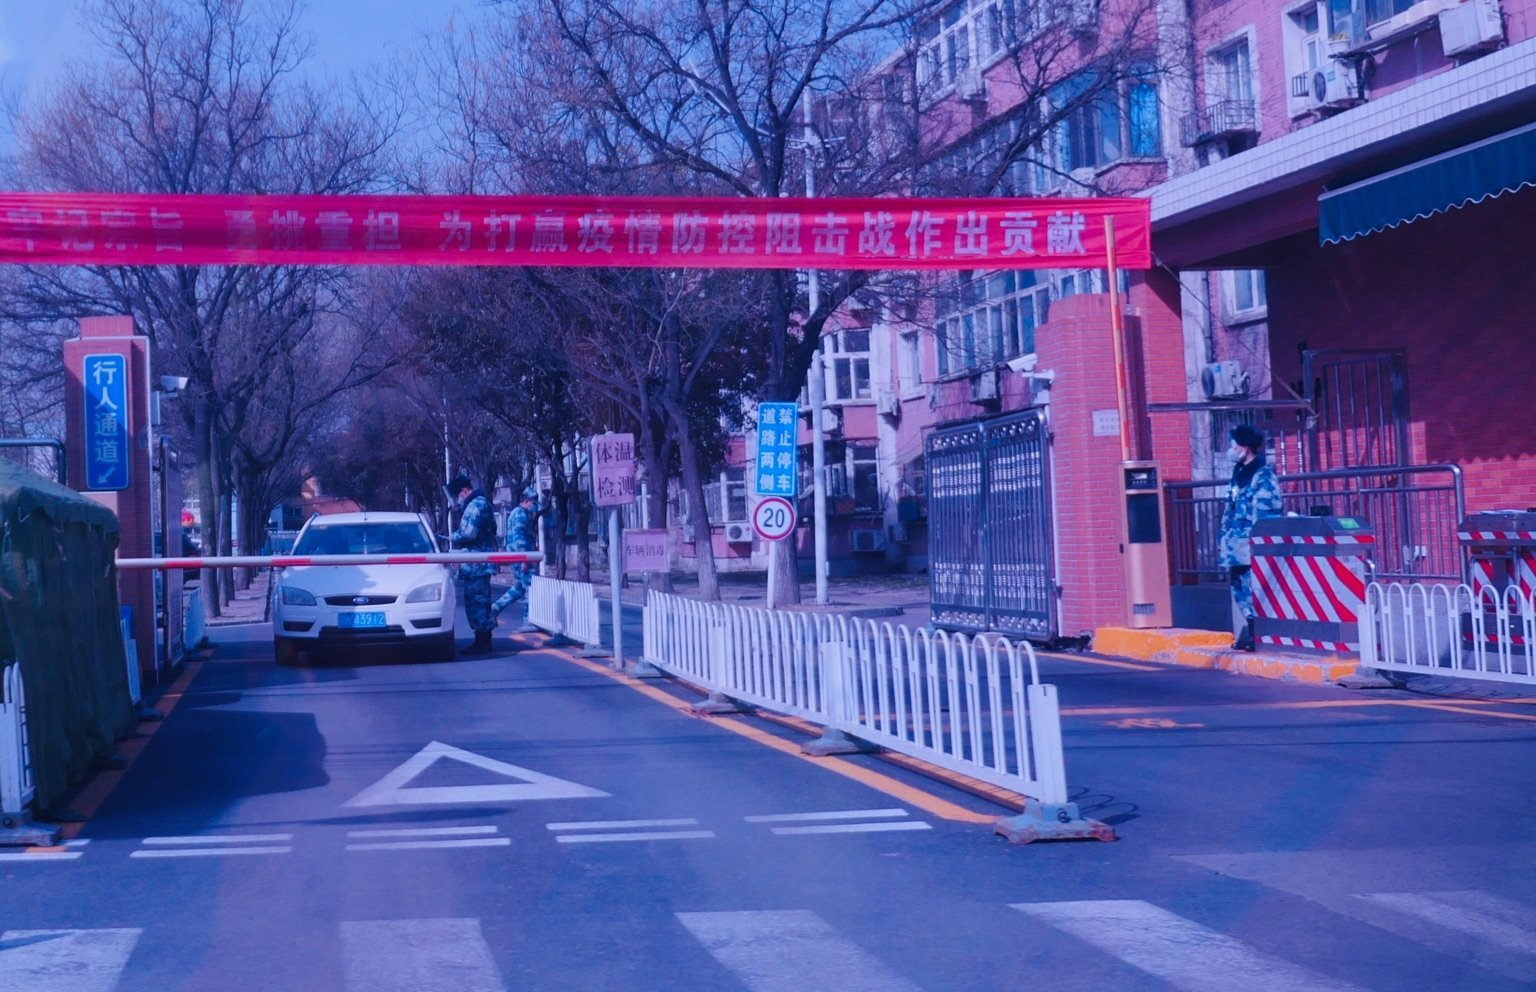 3月20日,北京軍隊大院仍然受嚴密監控,電話都被監聽,緊張防疫氣氛依然如故。(大紀元)